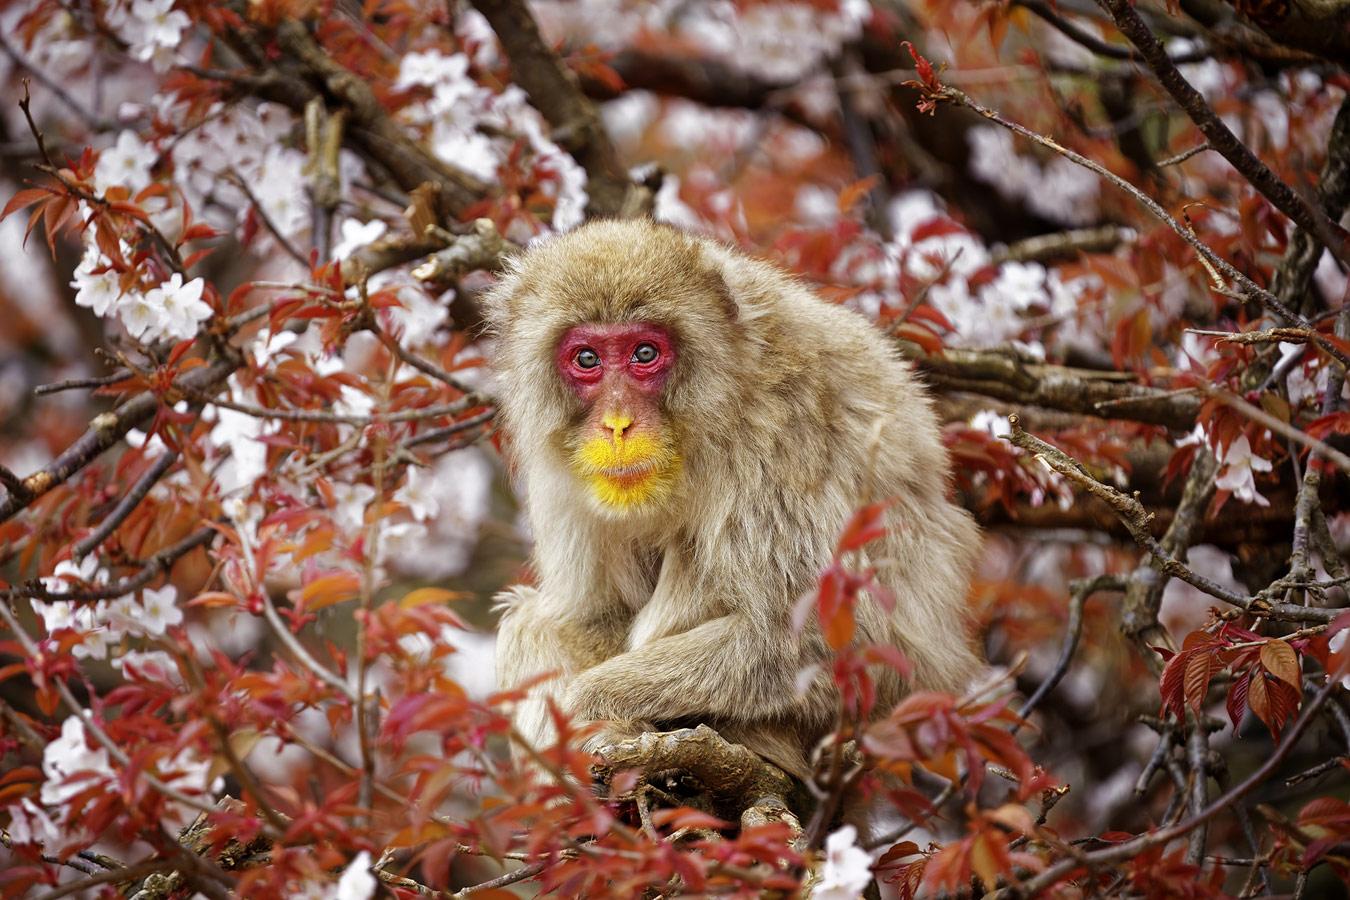 Шиниши Масуда / Shinichi Masuda, Япония, Победитель в категории «Дикая природа», Фотоконкурс «Лучшая природная фотография Азии» — Nature's Best Photography Asia